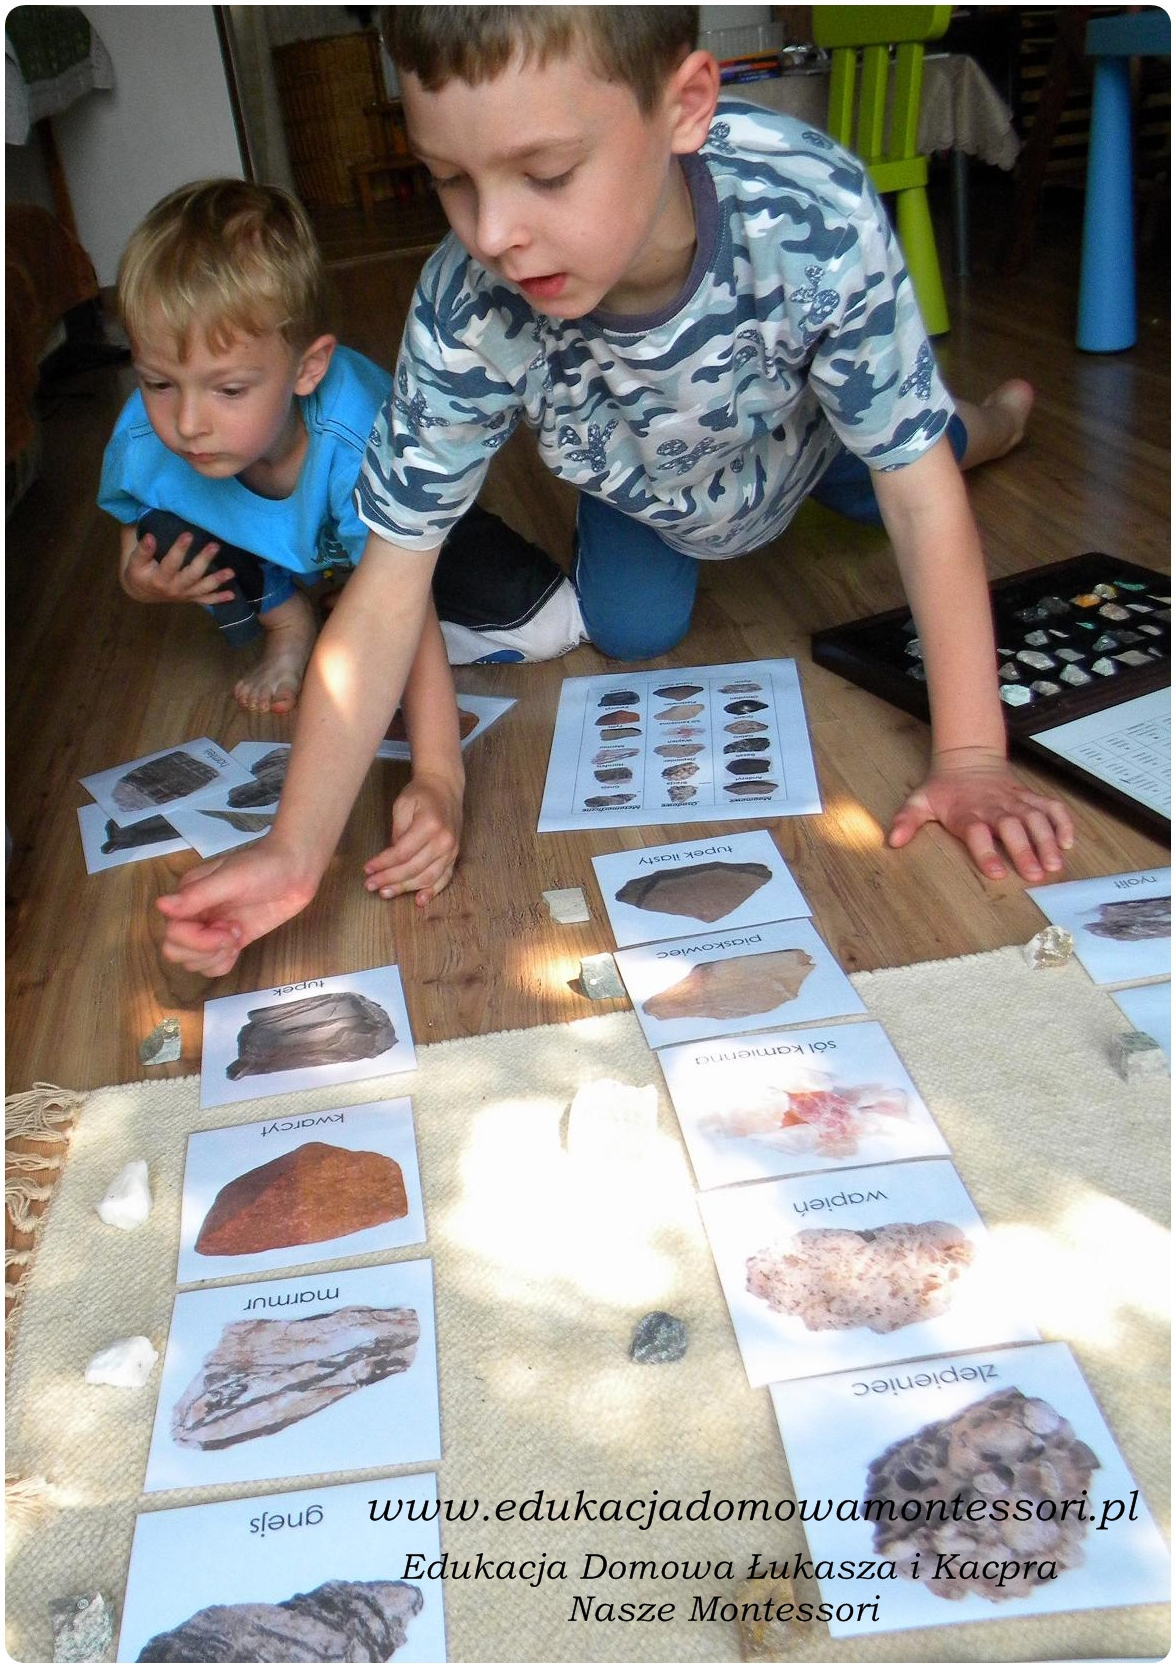 geologia montessori skał